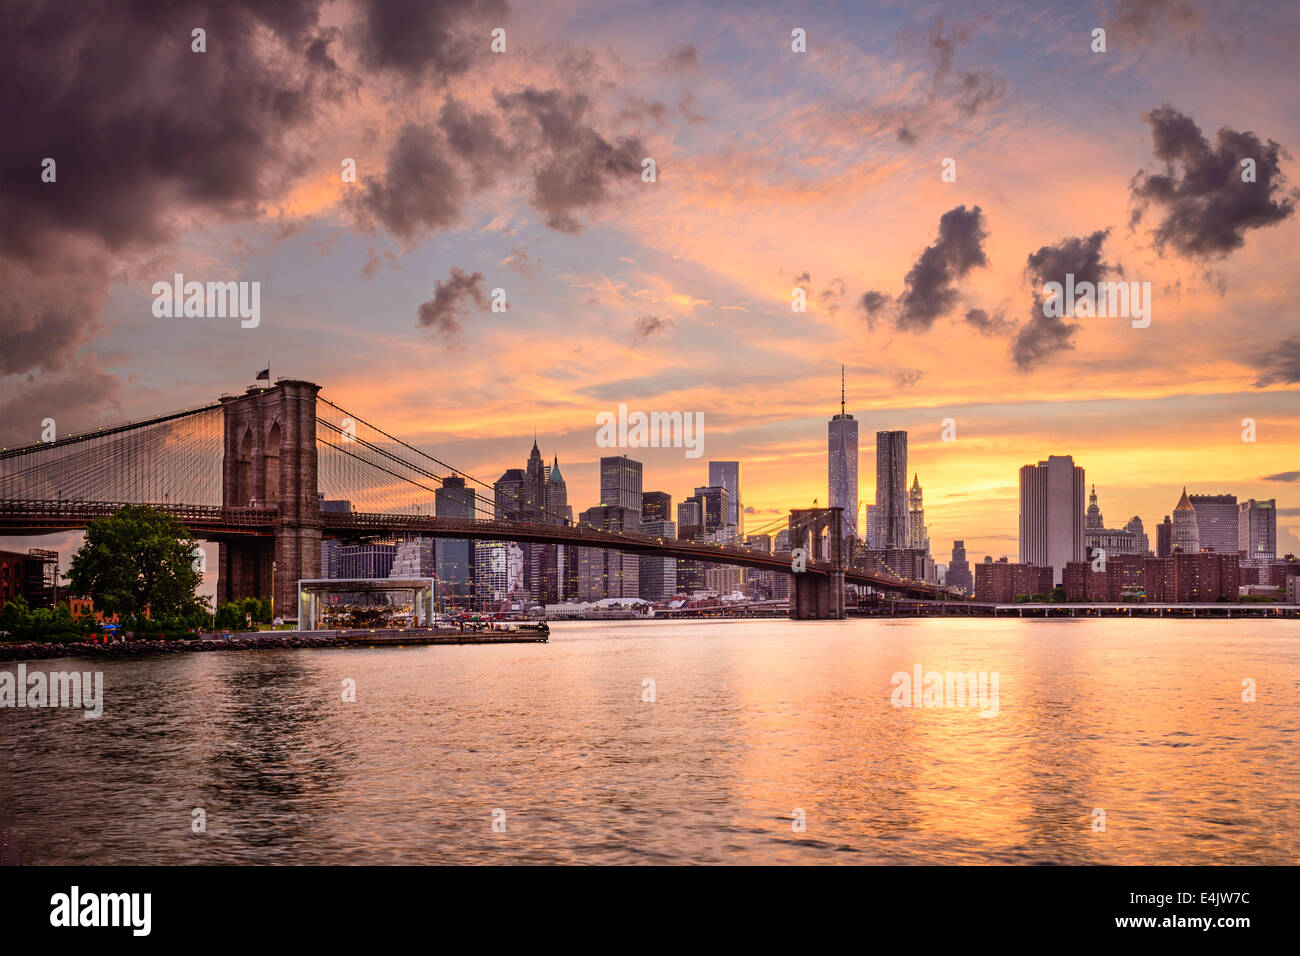 La città di New York, Stati Uniti d'America skyline al tramonto. Immagini Stock